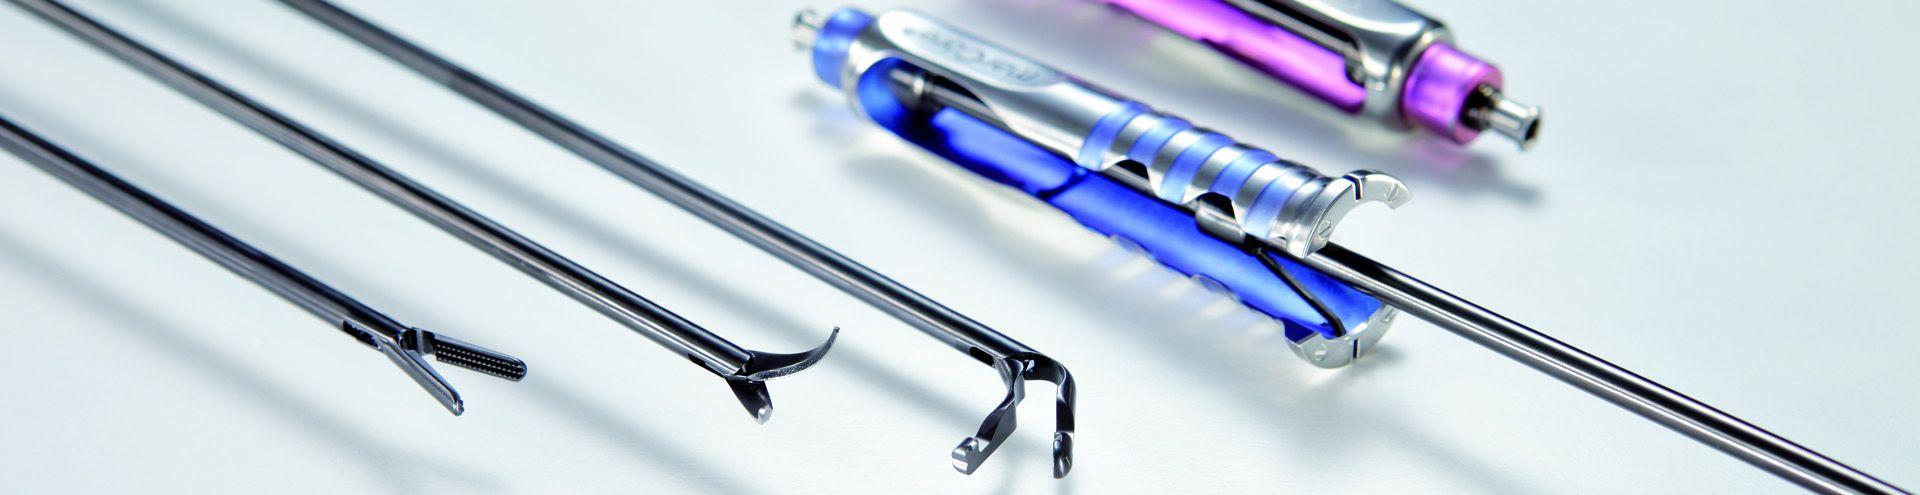 Instrumentos para cirugía cardíaca, torácica y vascular